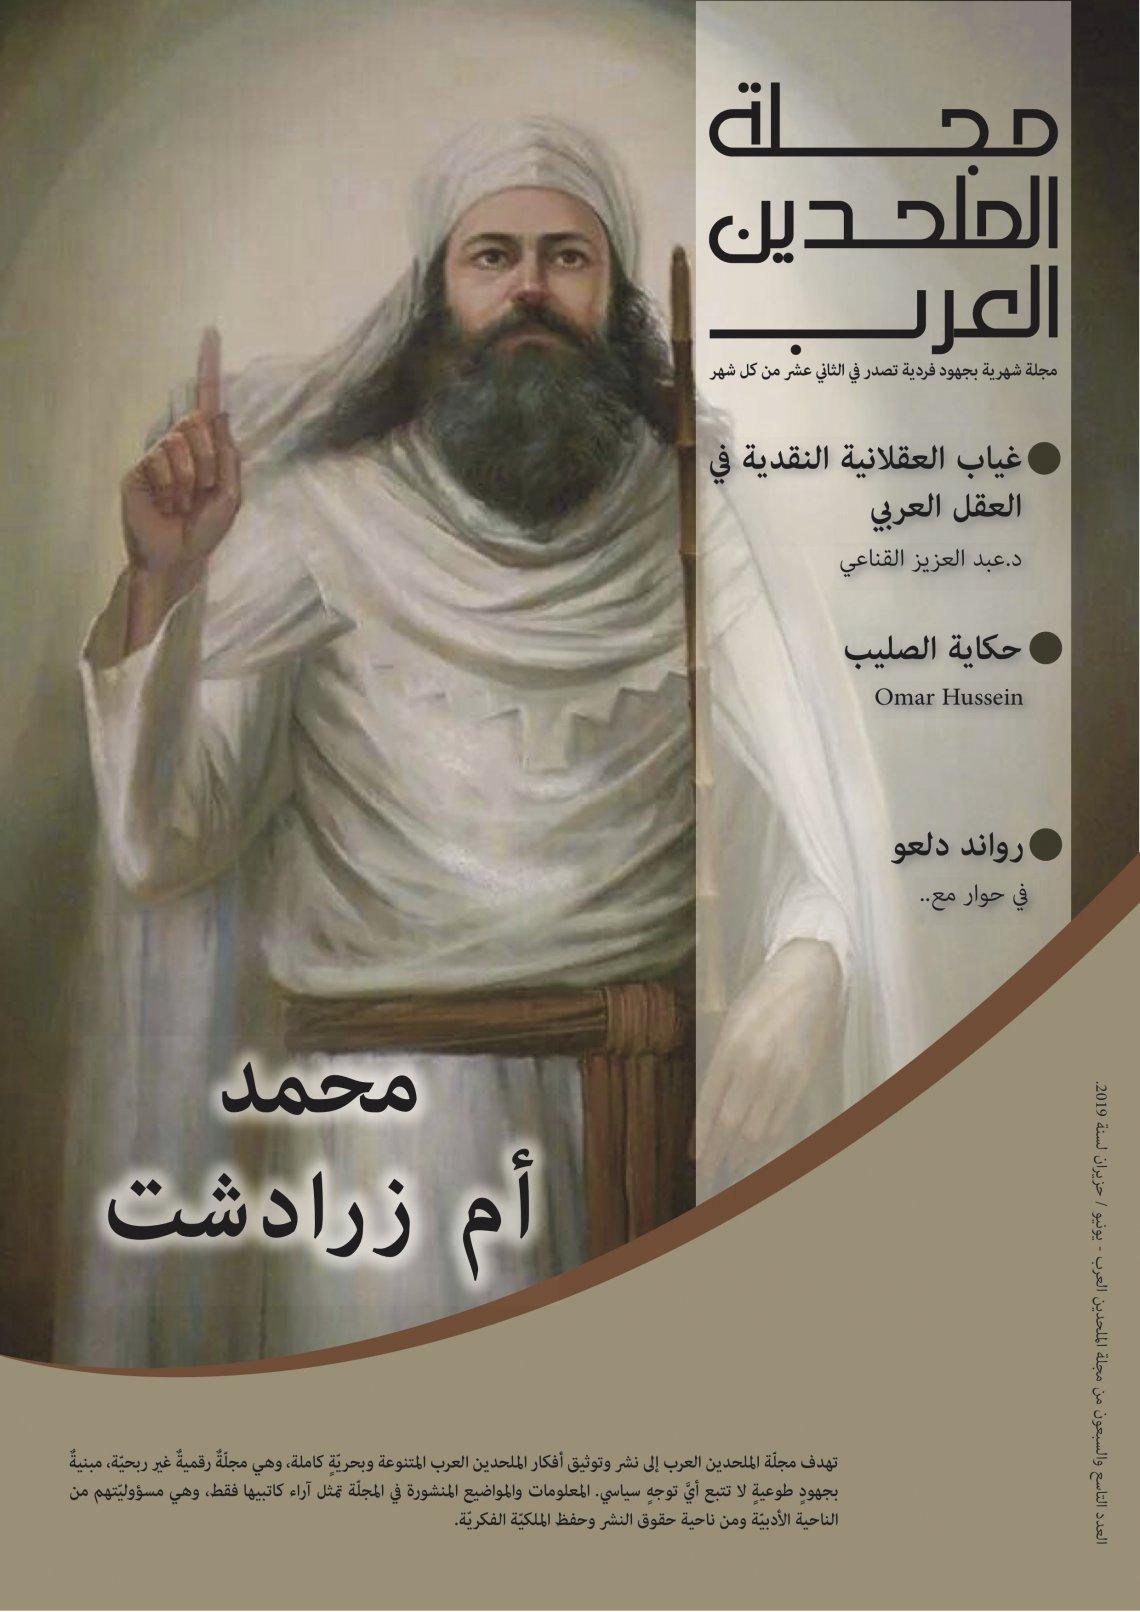 مجلة الملحدين العرب: العدد التاسع والسبعون / يونيو حزيران / 2019